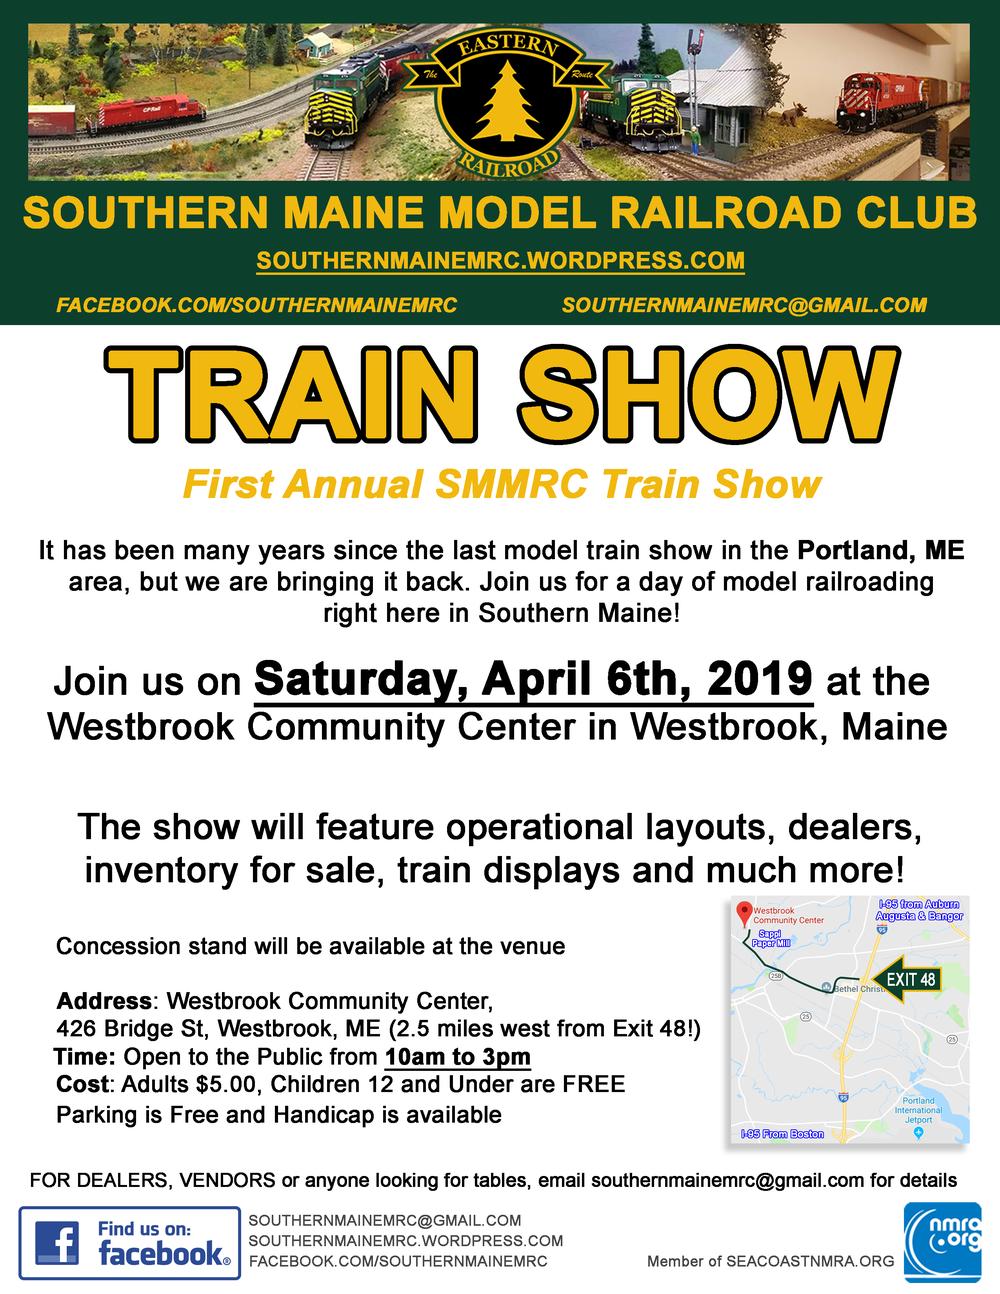 SMMRC_Train_Show_Flier-Finalpdf.png